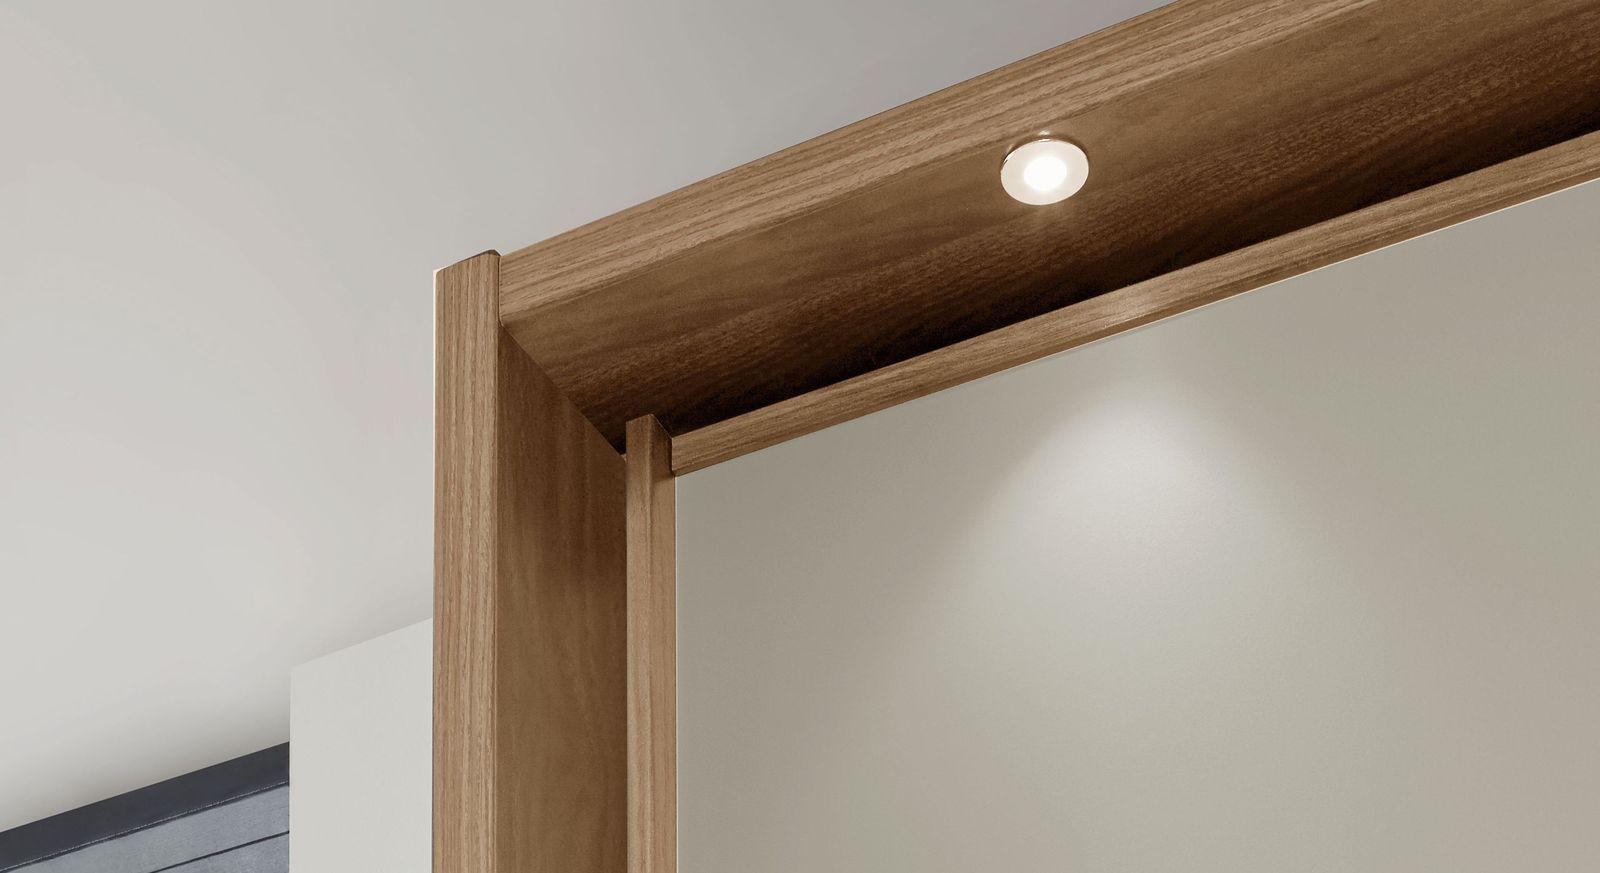 Kleiderschrank-Seabrook mit Beleuchtung am Passepartout-Rahmen